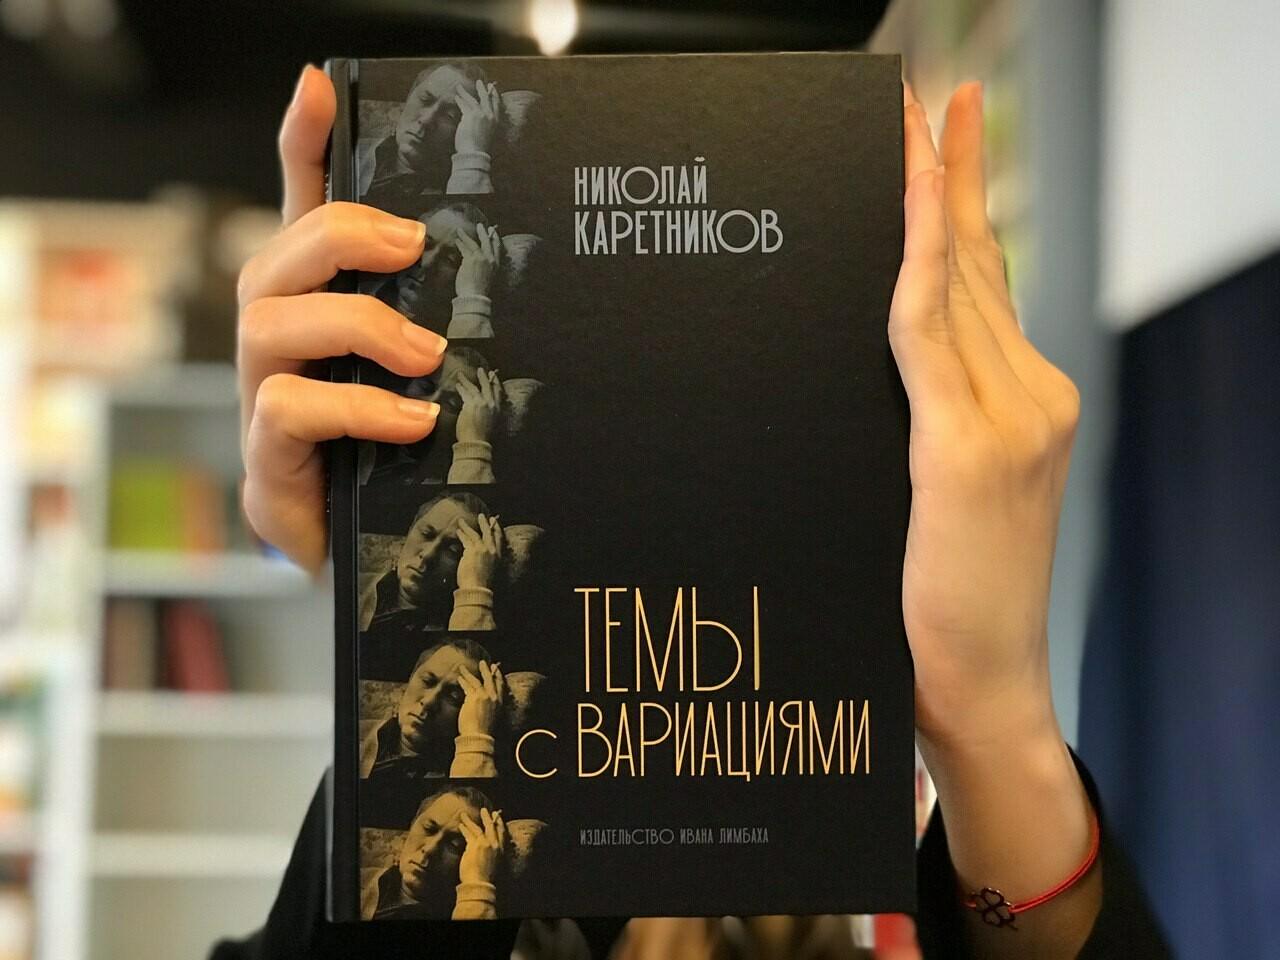 Каретников Н. Темы с вариациями